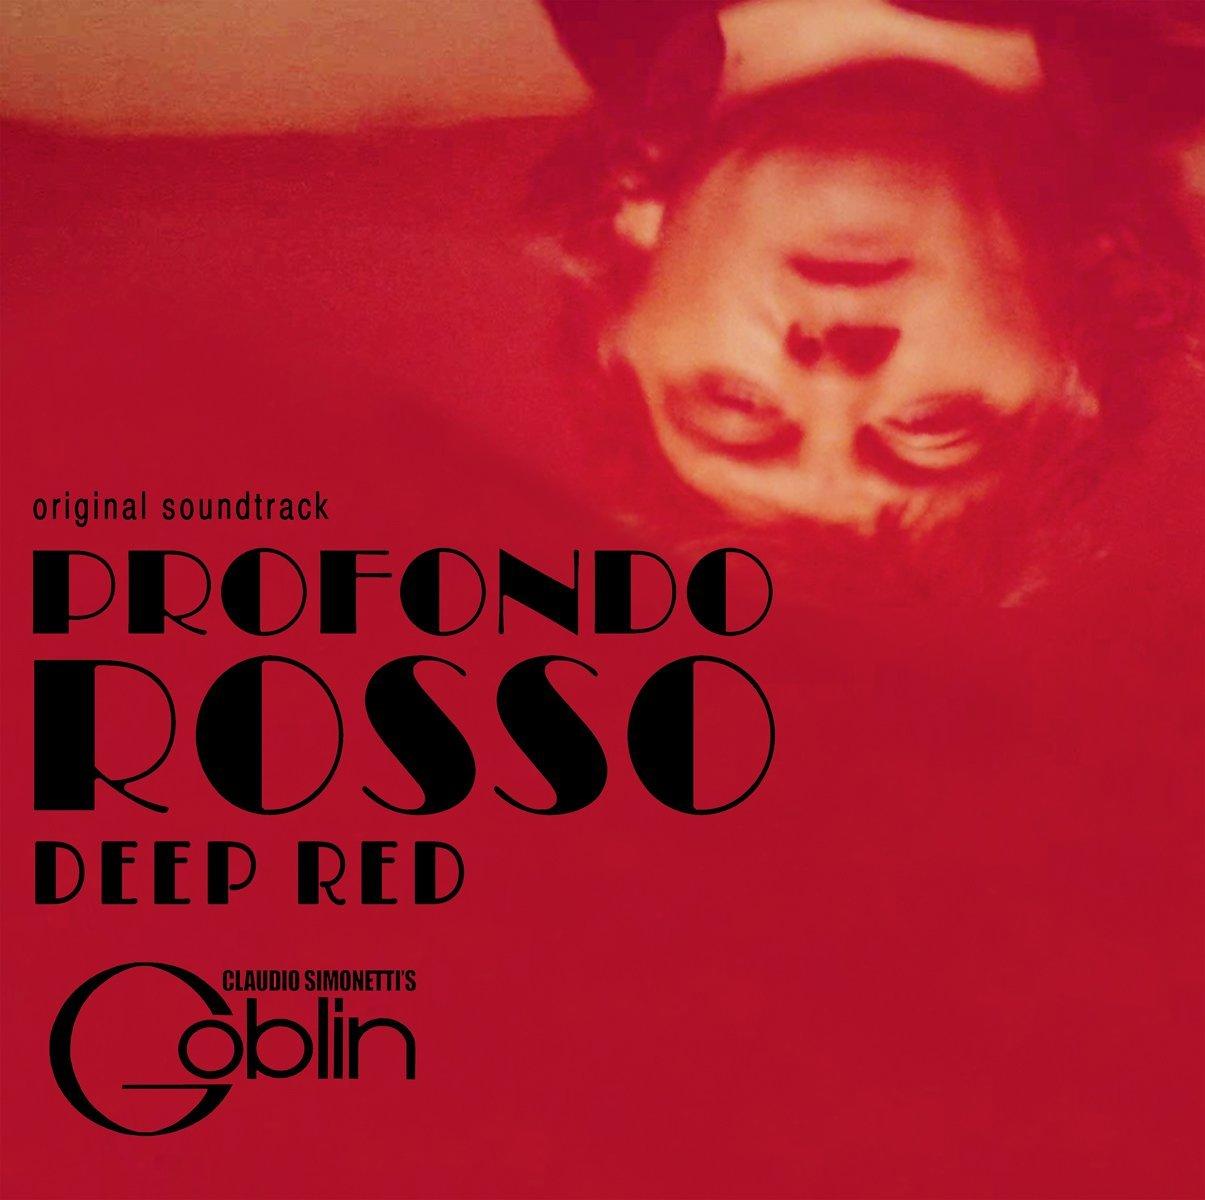 CLAUDIO SIMONETTI'S GOBLIN - PROFONDO ROSSO (CD)